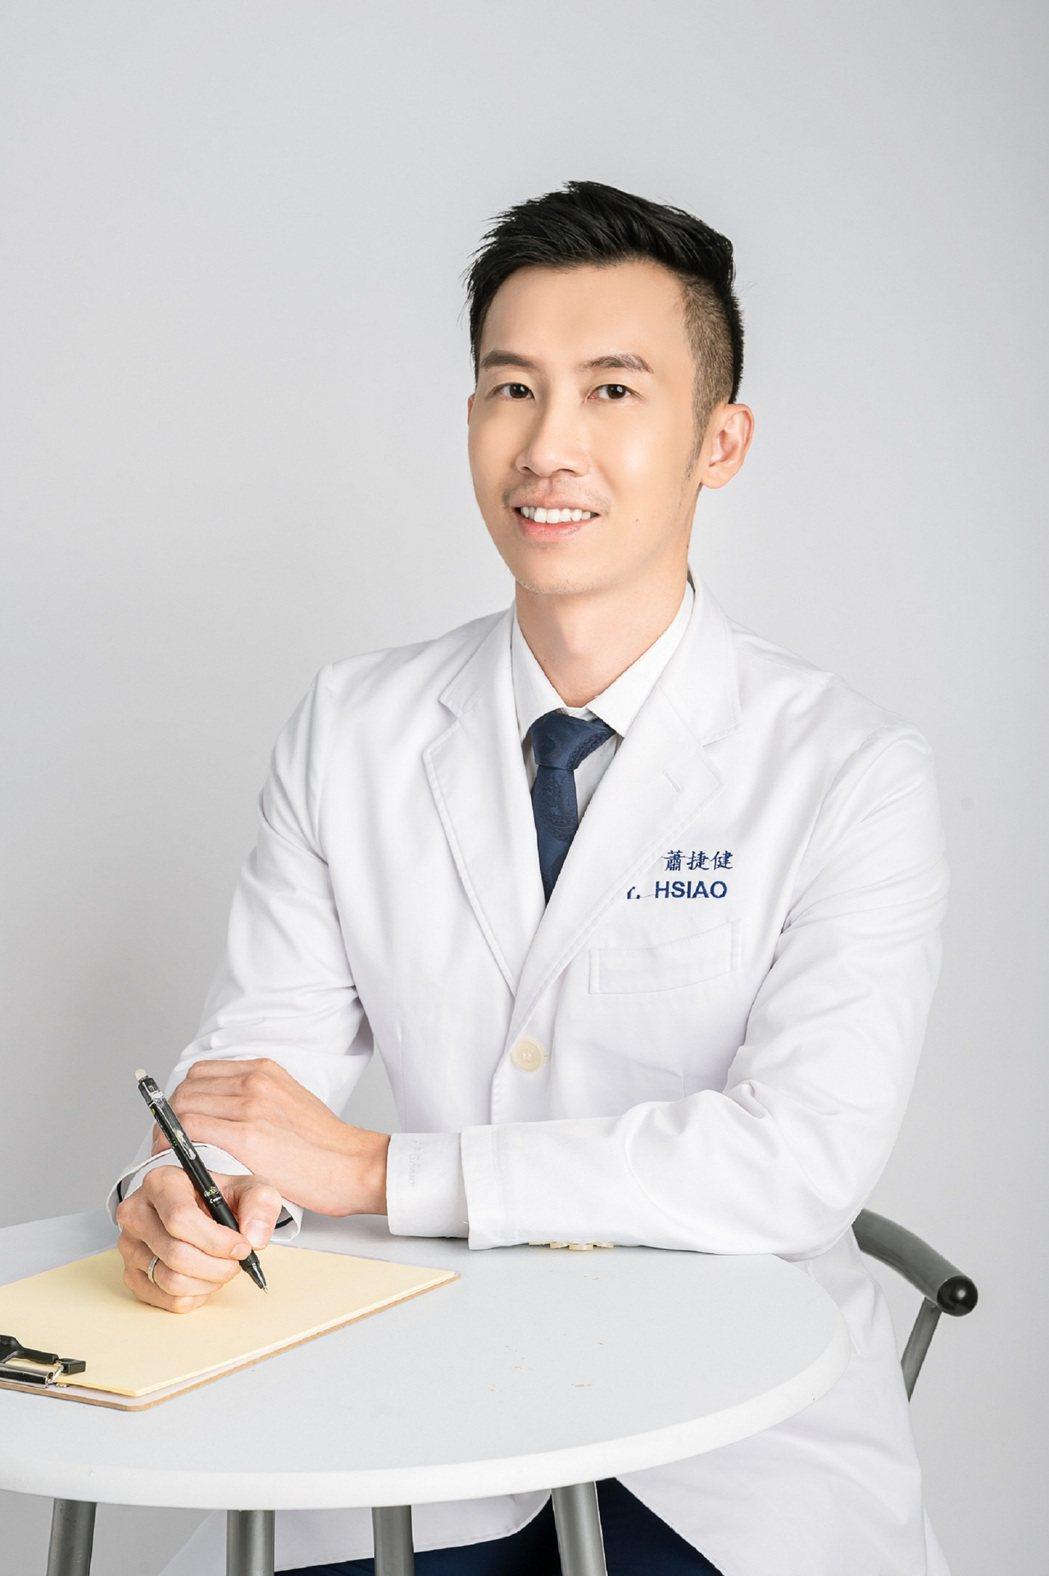 蕭捷健是專業減重醫師,去年跨足演藝圈。圖/艾迪昇傳播提供